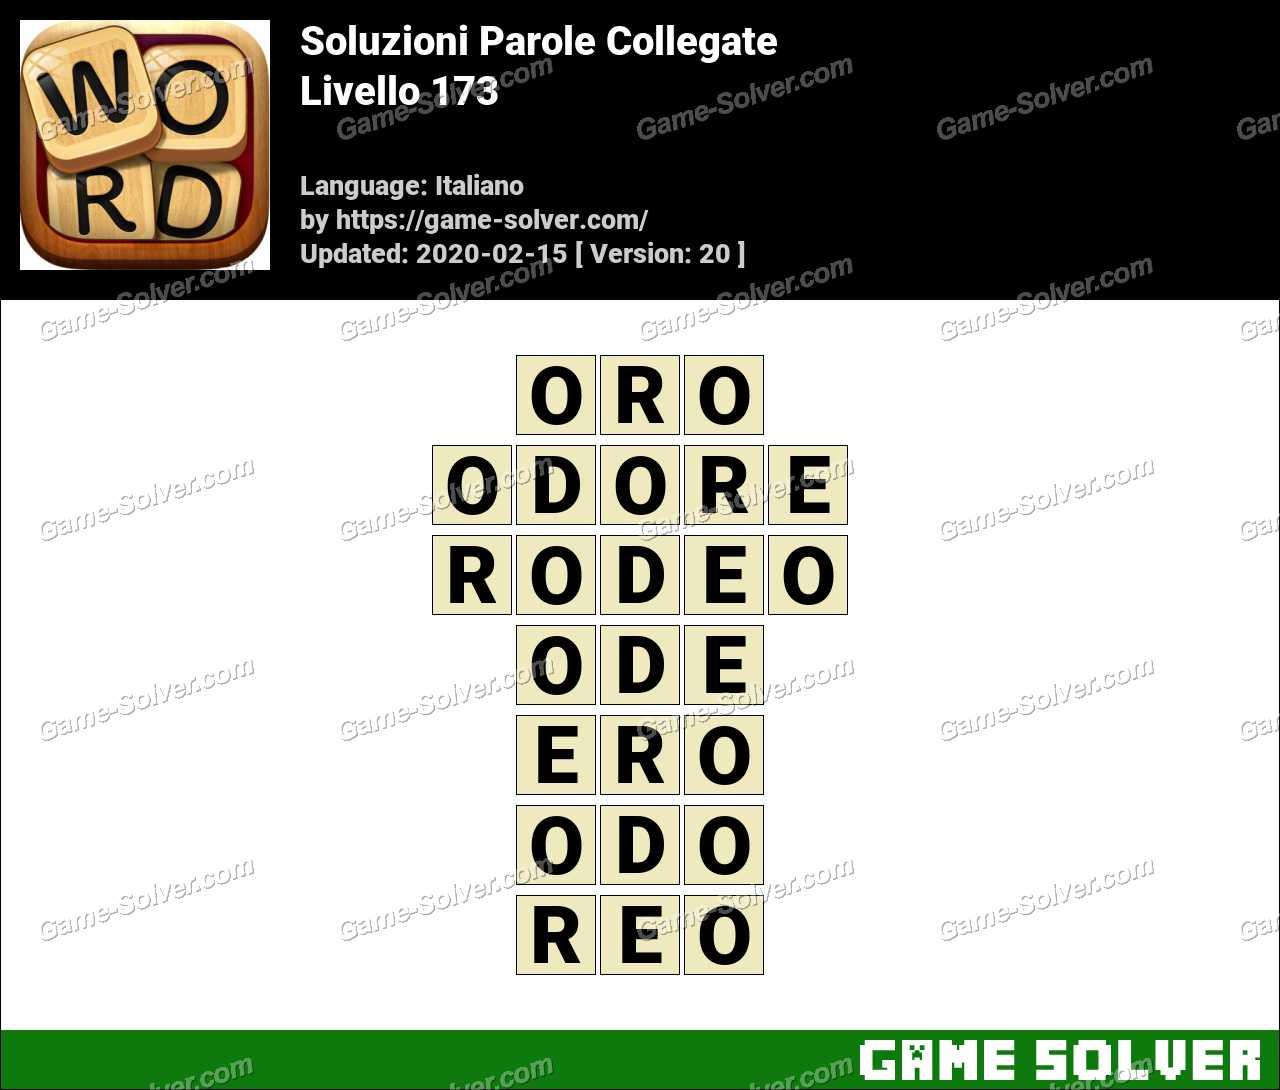 Soluzioni Parole Collegate Livello 173